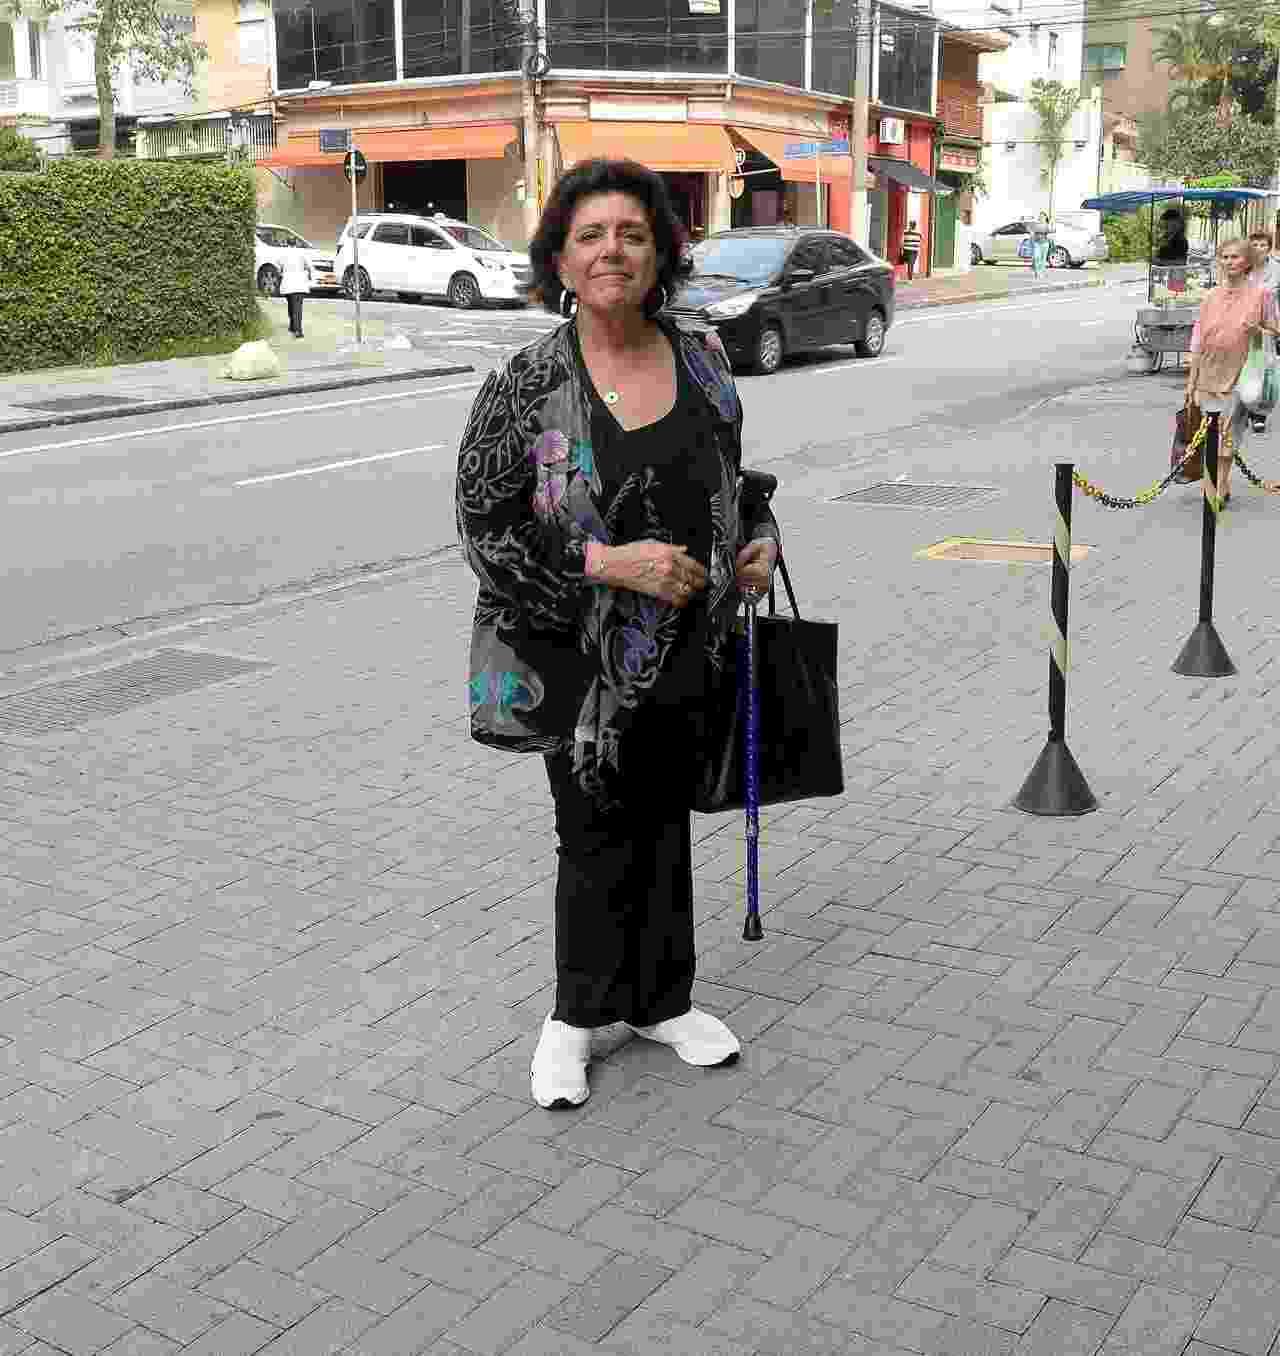 Leda Nagle, sogra de Sabrina Sato, chega à maternidade na região da Avenida Paulista - AgNews